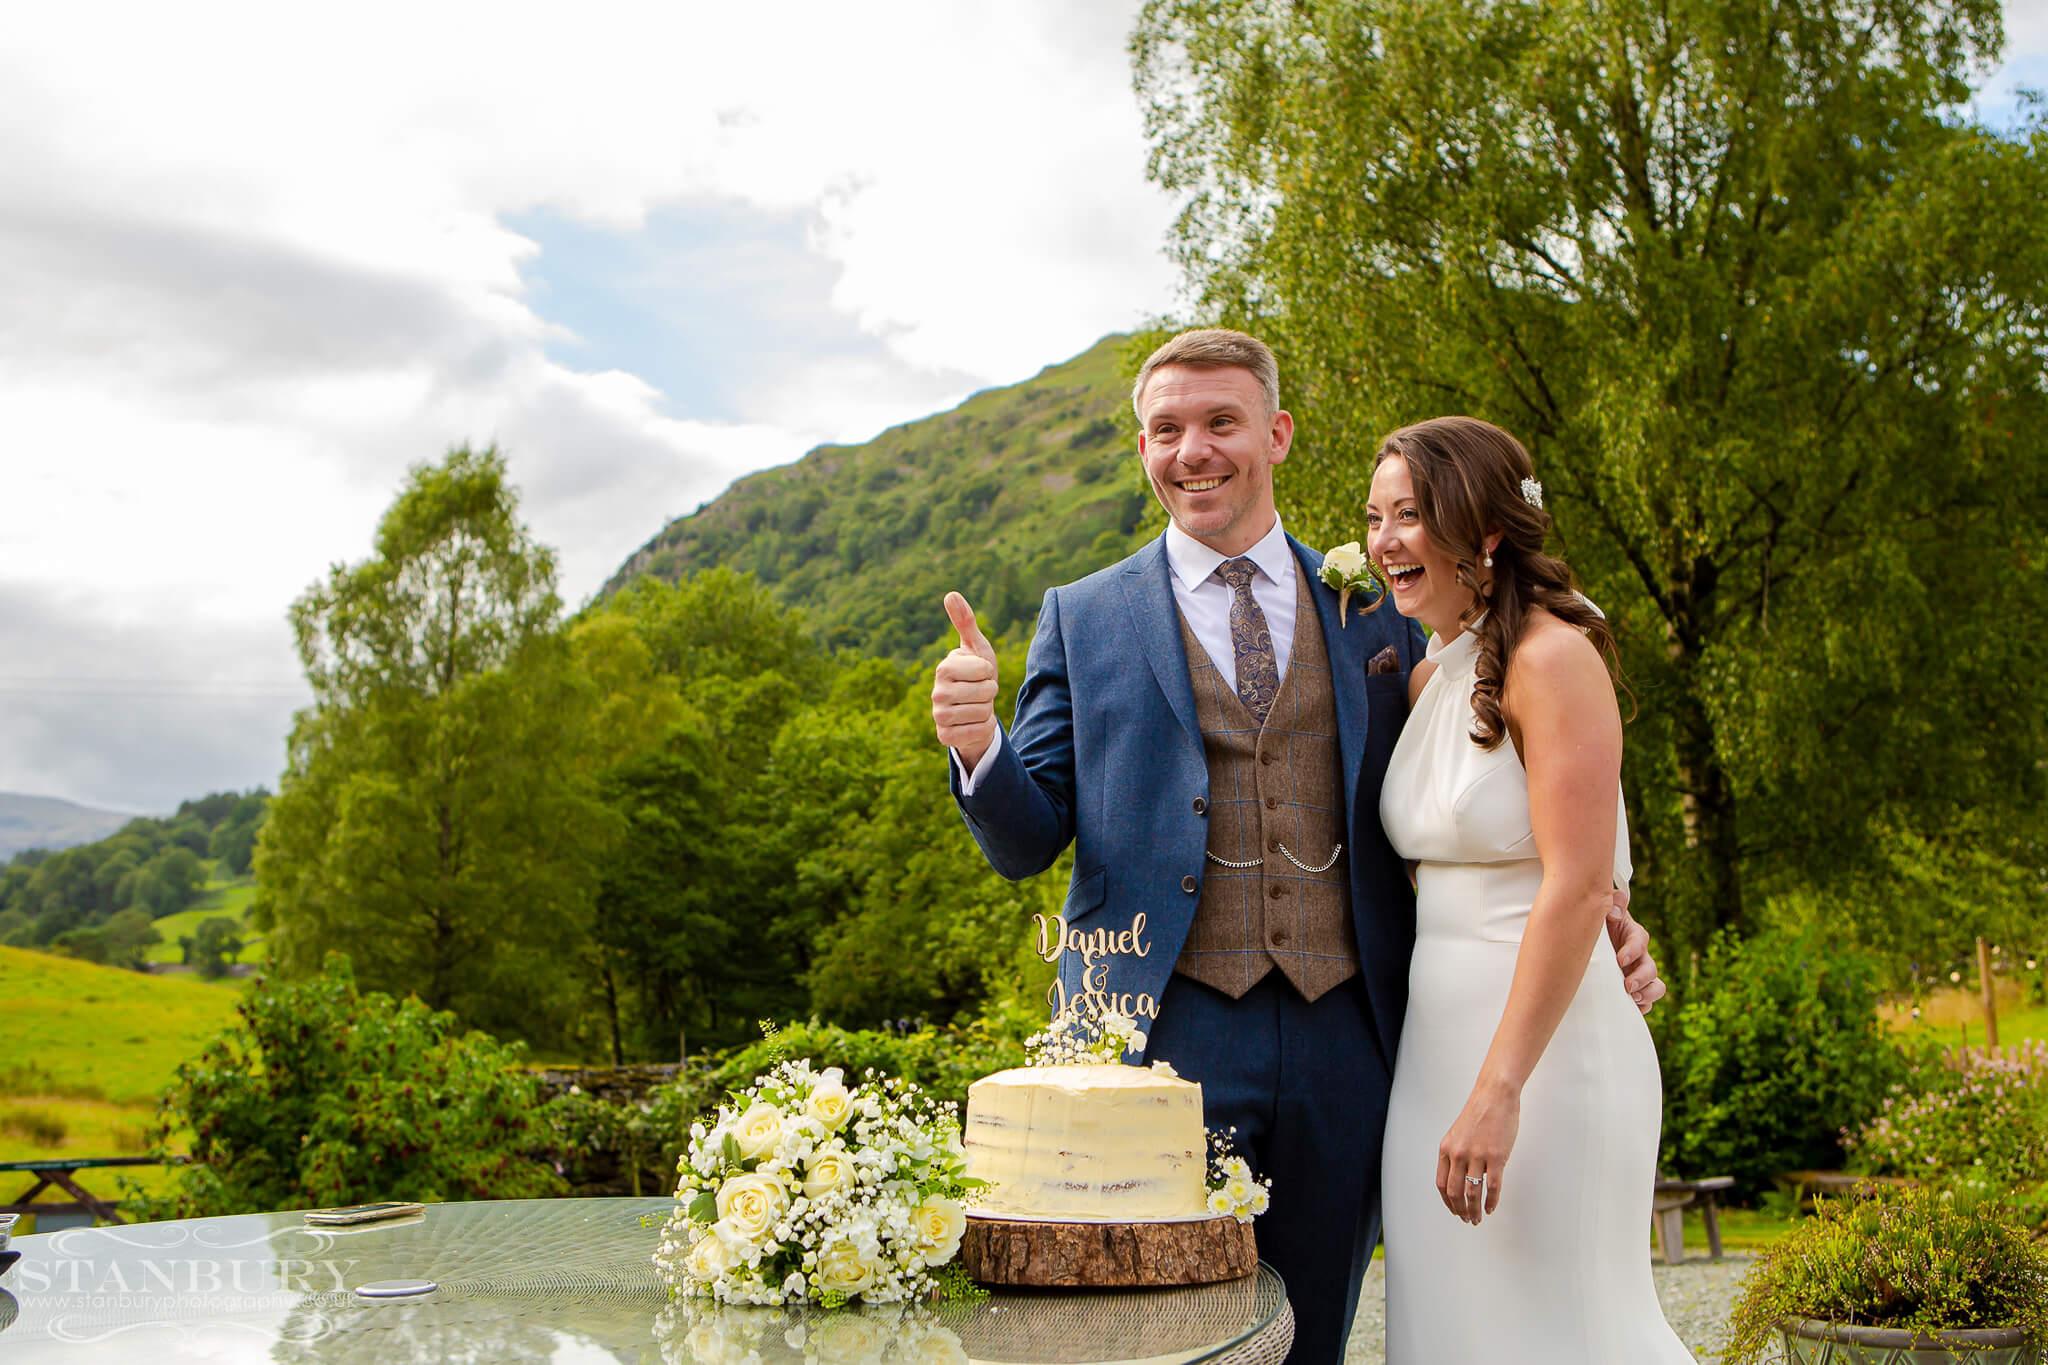 wedding-cut-cake-lakes-photography